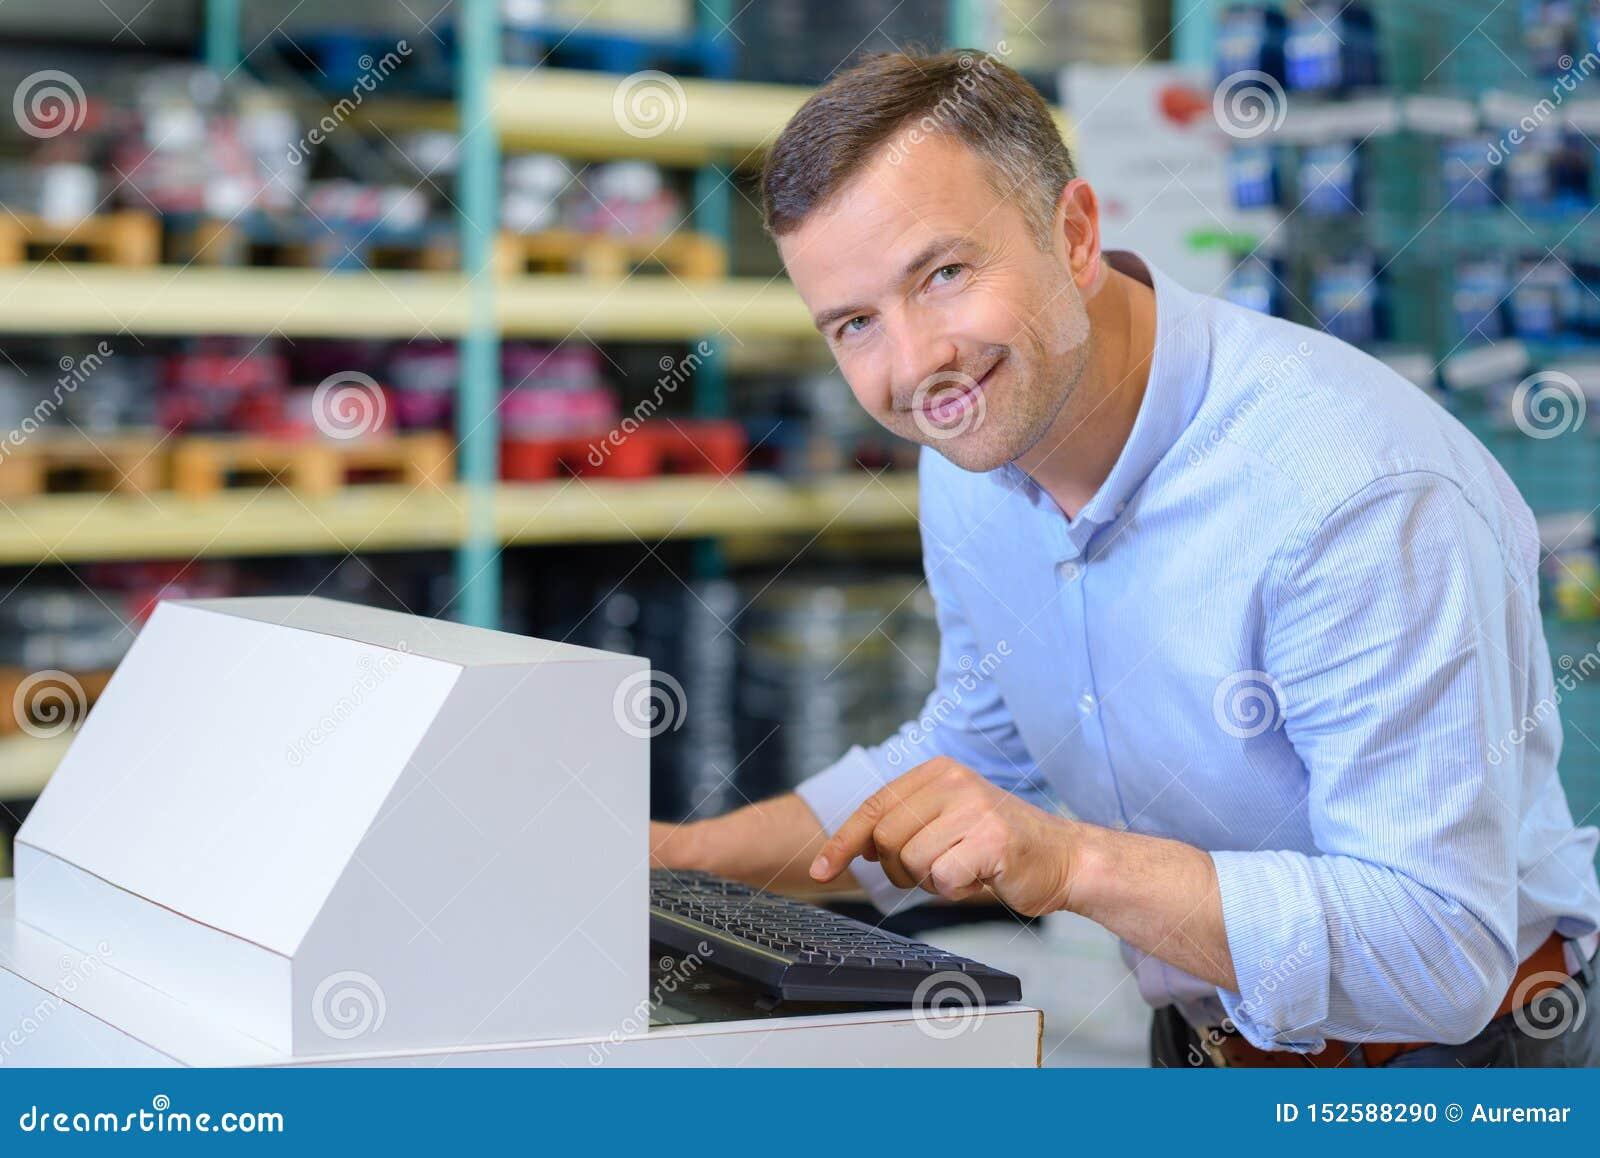 Männliche Arbeitskraft, die Datenbankcomputer verwendet